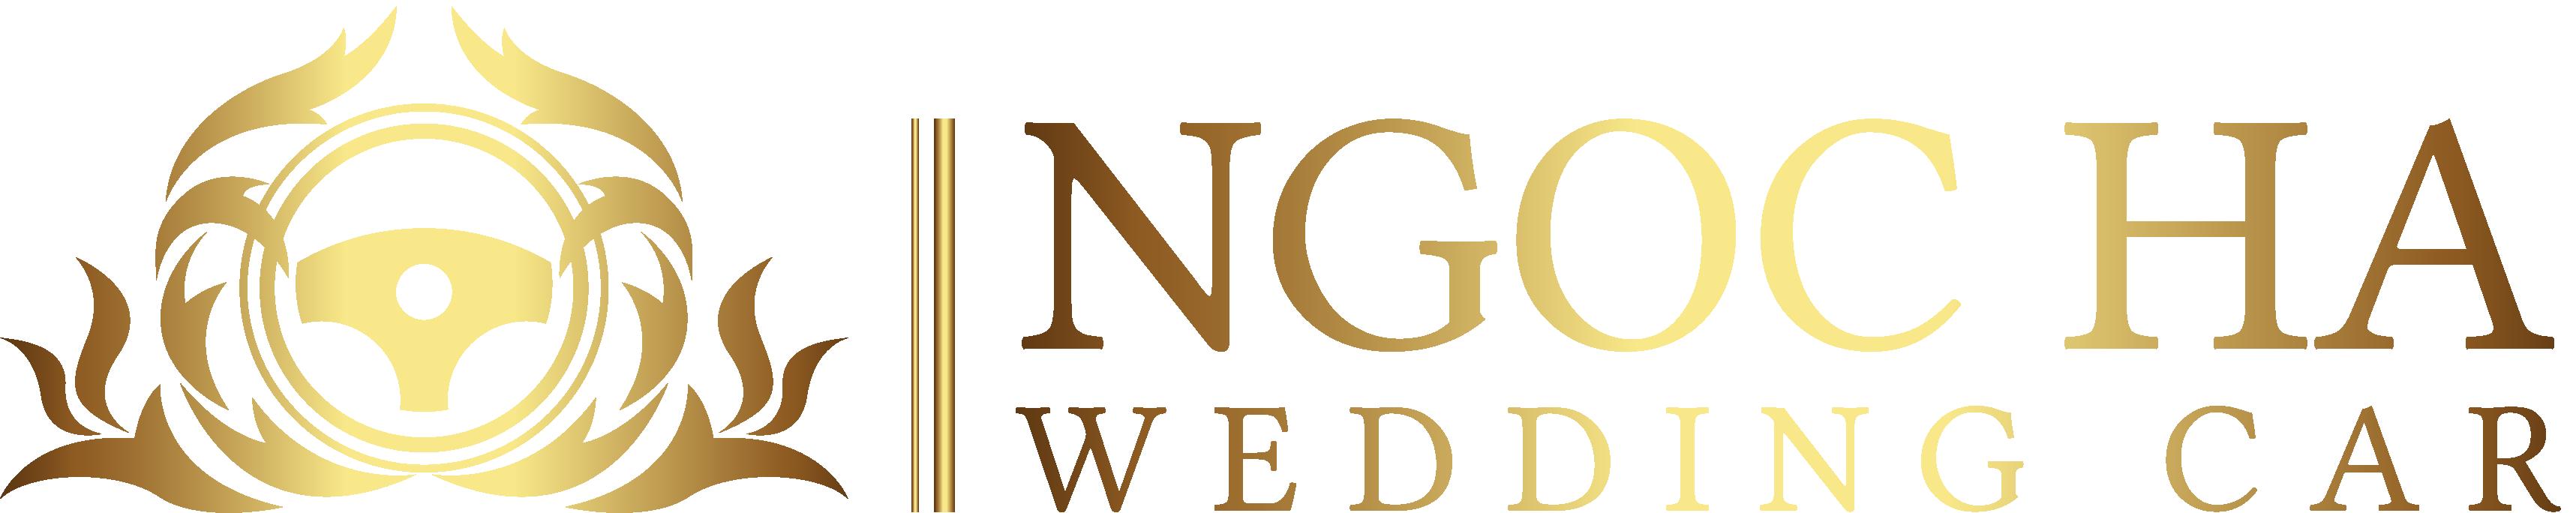 ngochaweddingcar.com